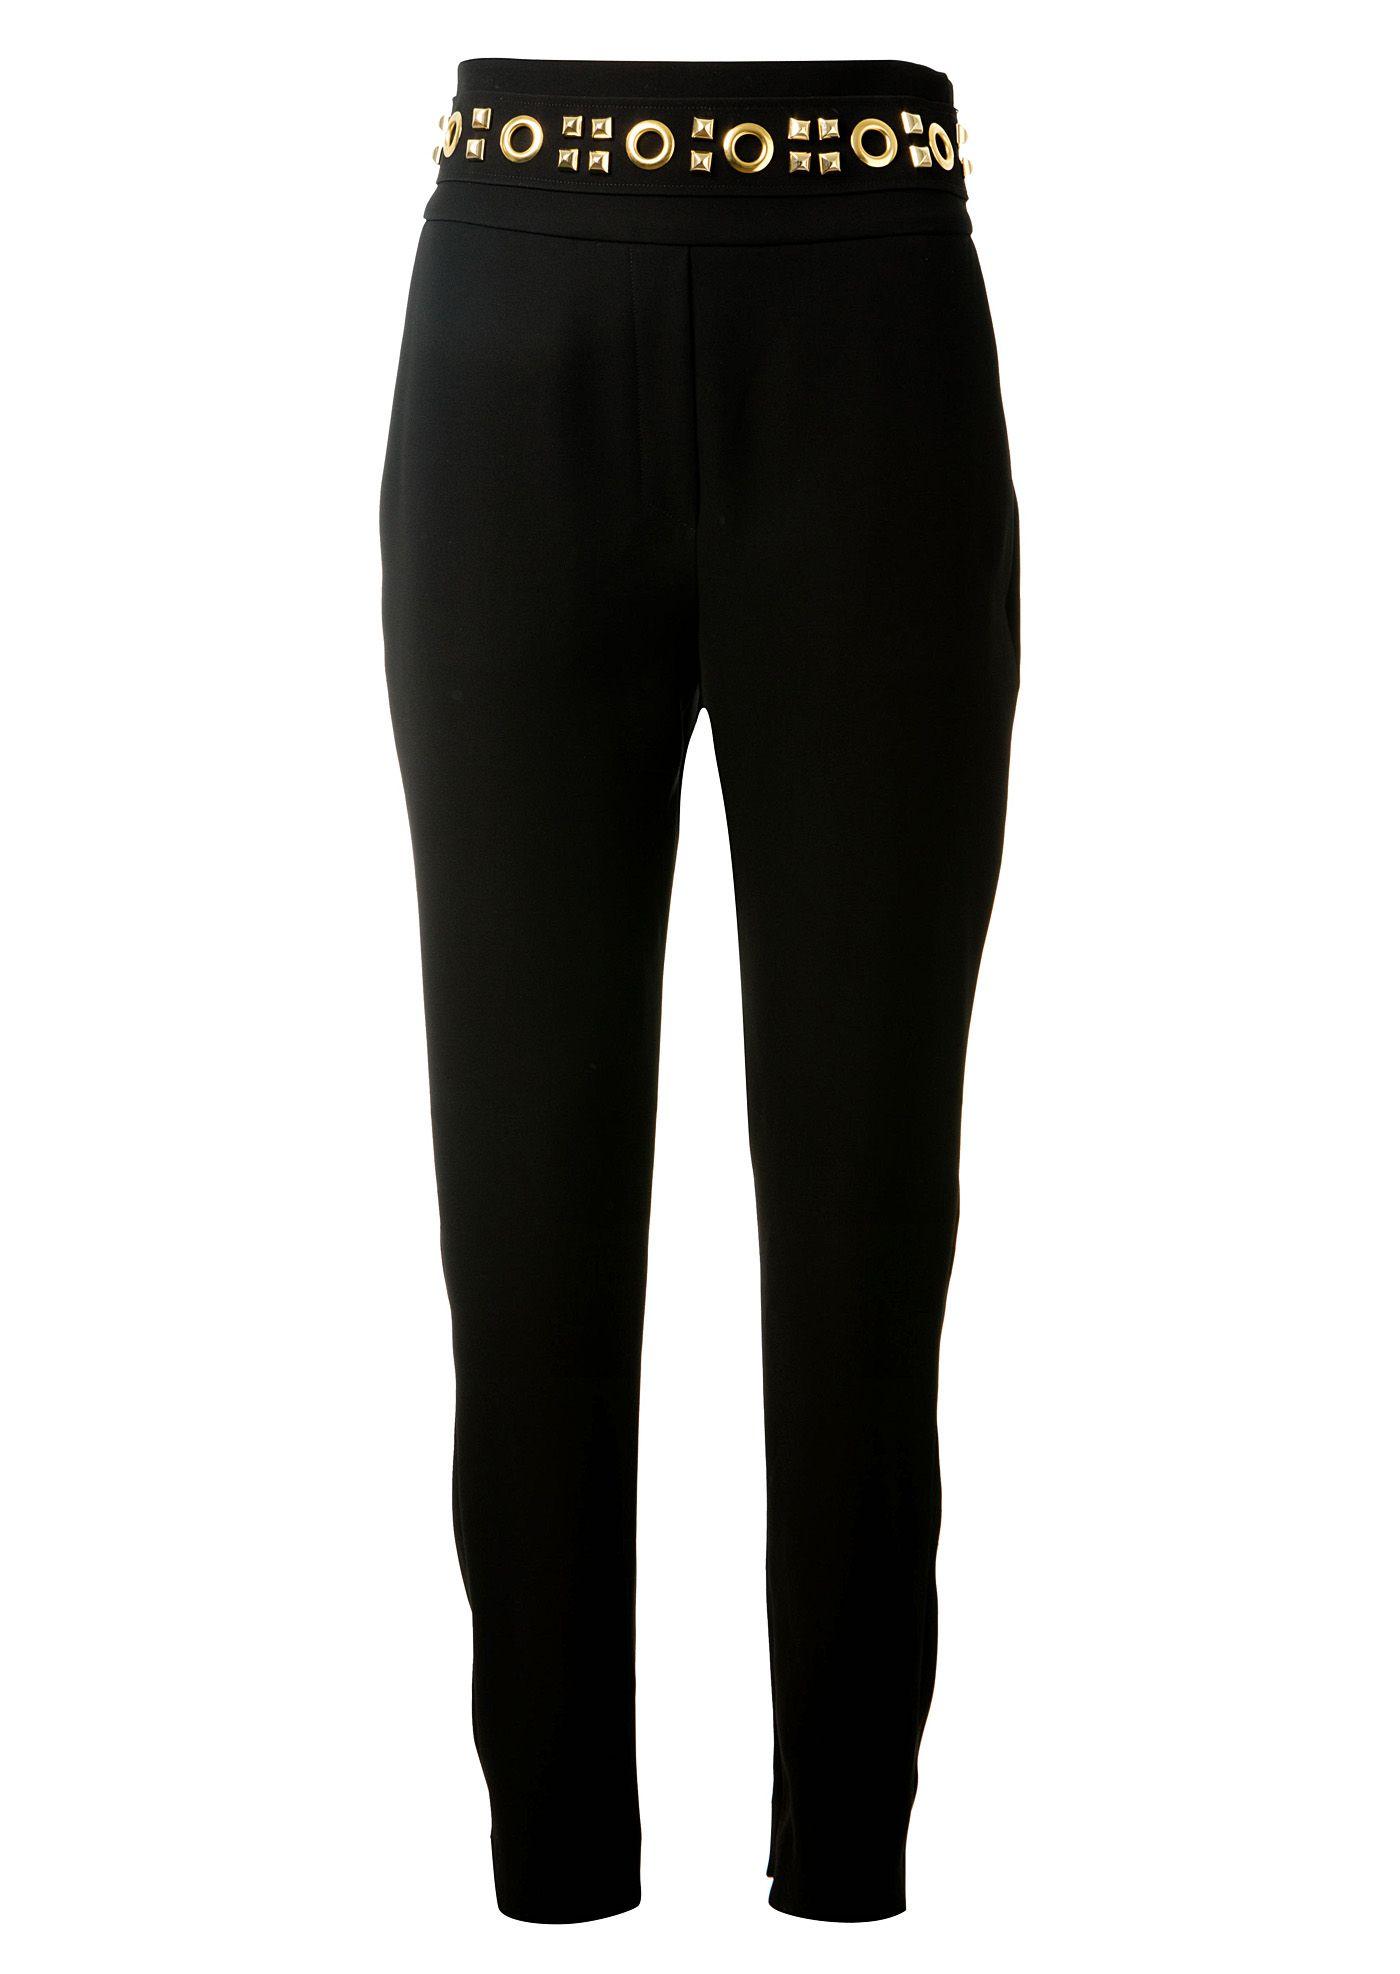 ALEXANDRE VAUTHIER Alexandre Vauthier Black High Waist Pants. #alexandrevauthier #cloth #